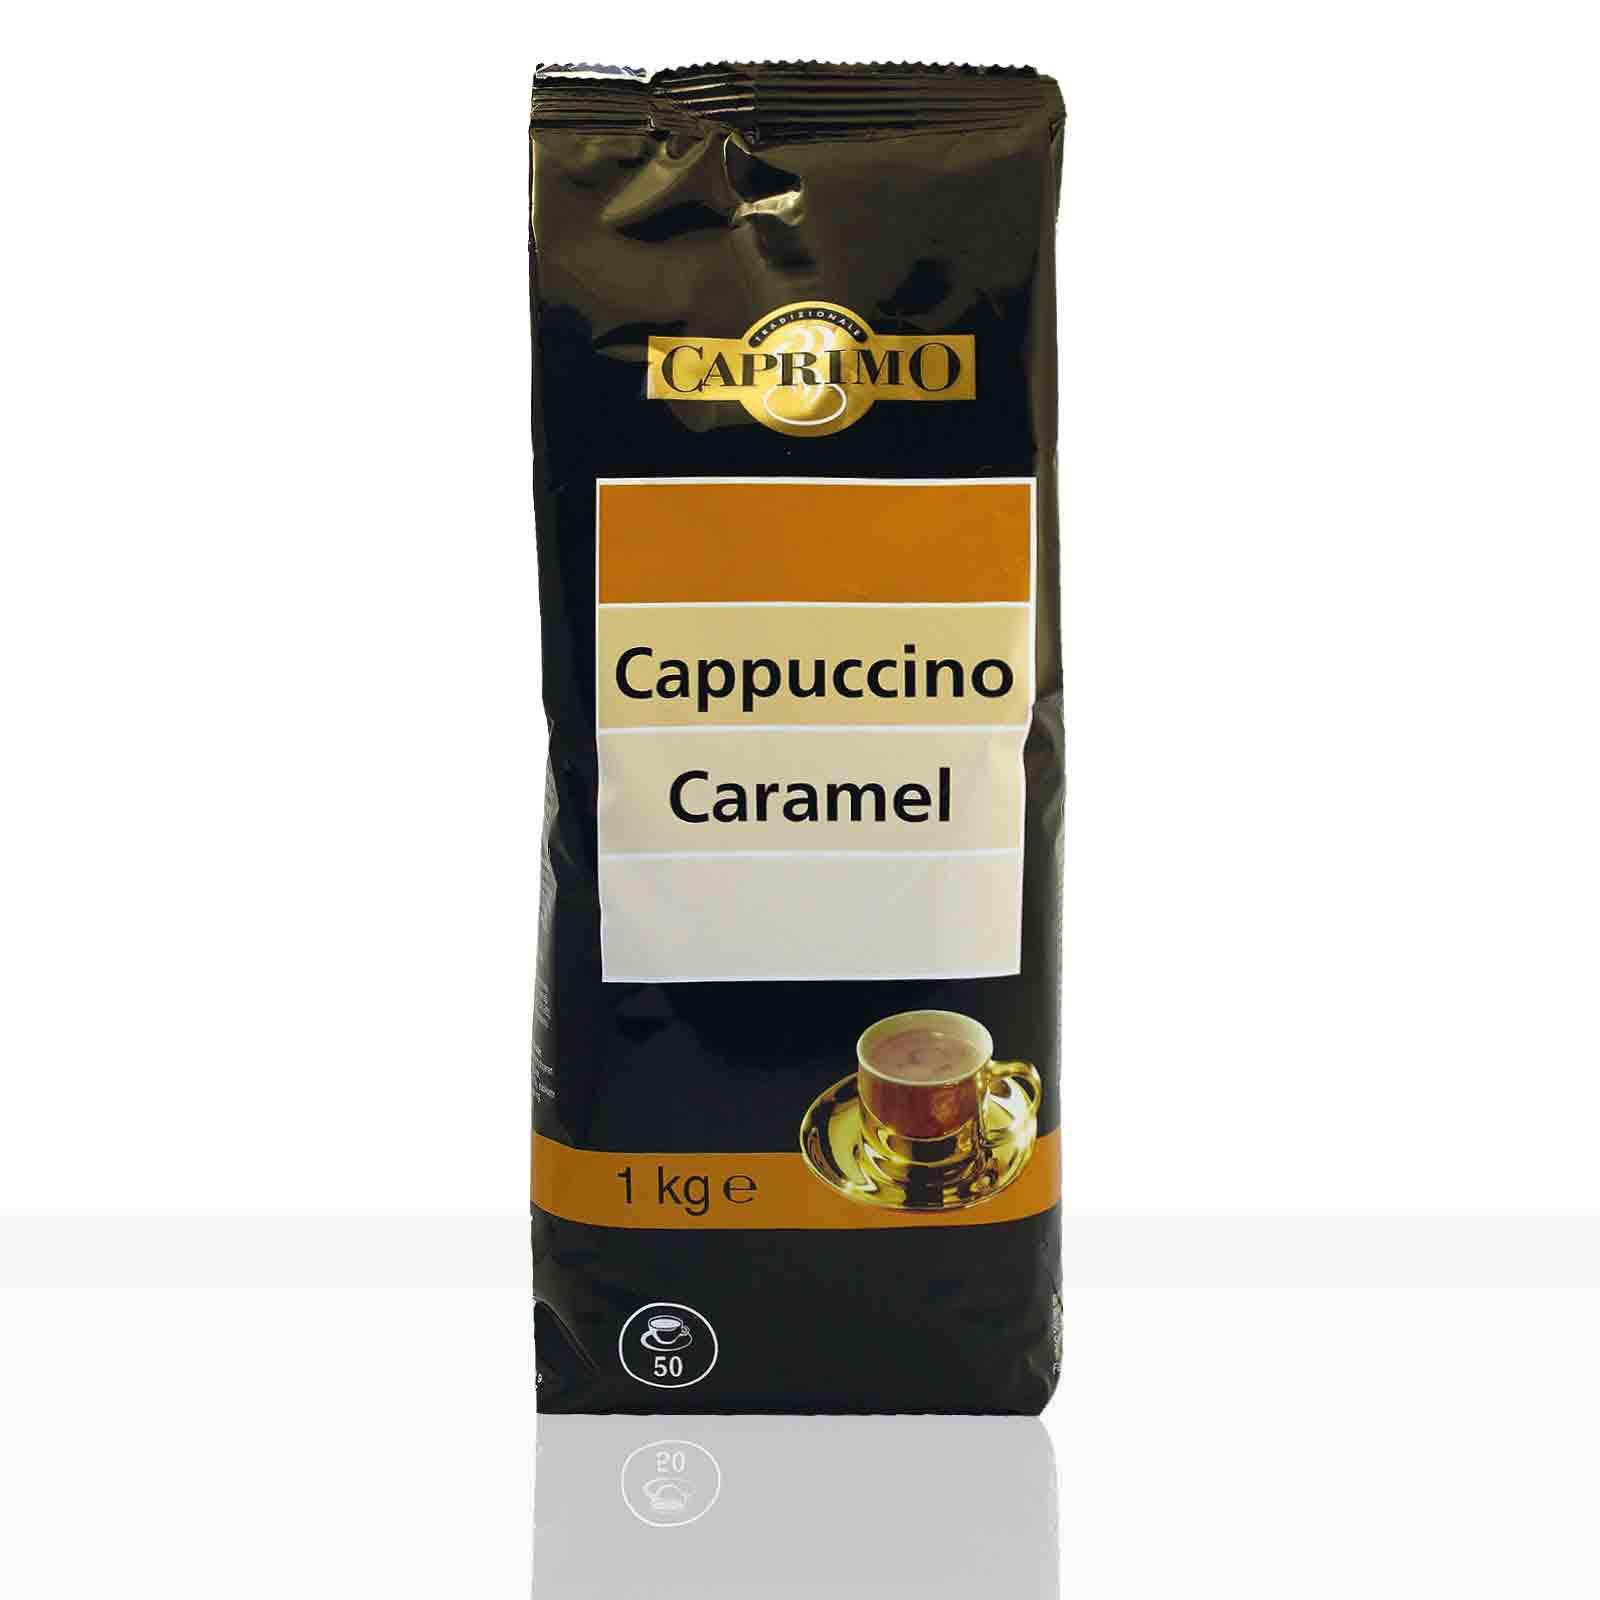 Caprimo Cappuccino Caramel 10 x 1kg Instant